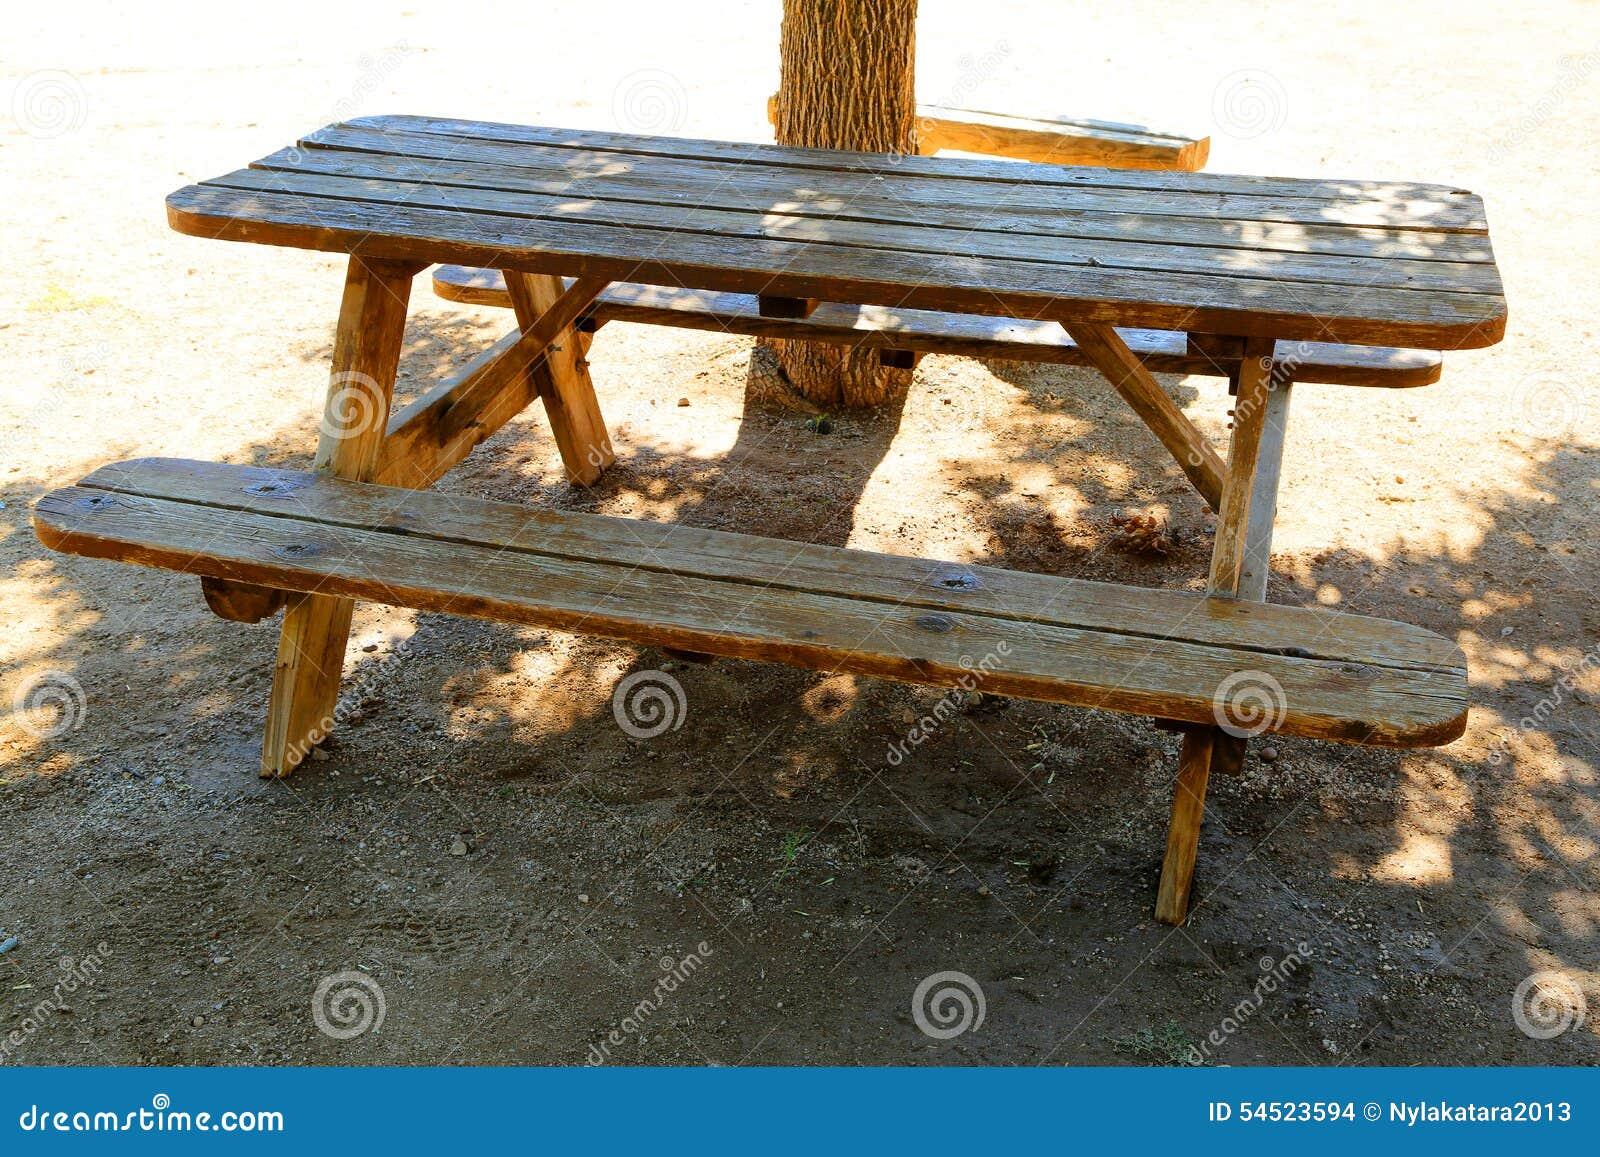 table de pique nique photo stock image 54523594. Black Bedroom Furniture Sets. Home Design Ideas